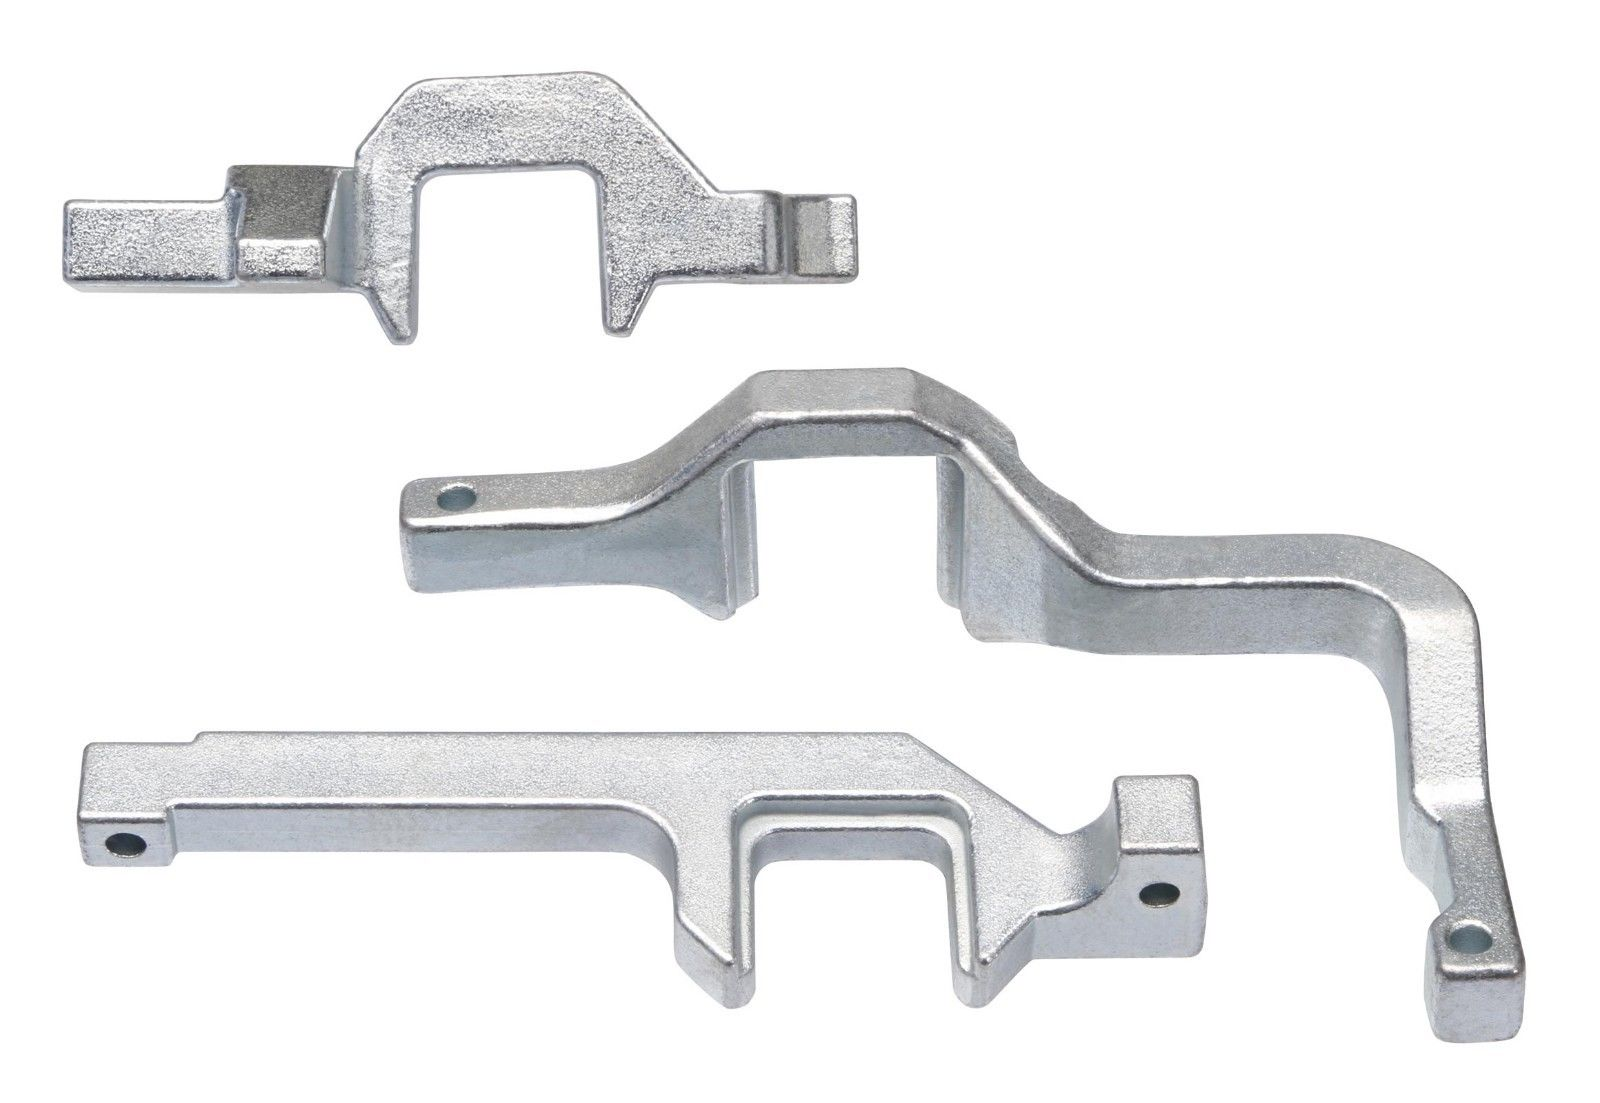 Einstellwerkzeug Steuerkette Nockenwelle für BMW Mini Cooper N12 Citroen Peugeot